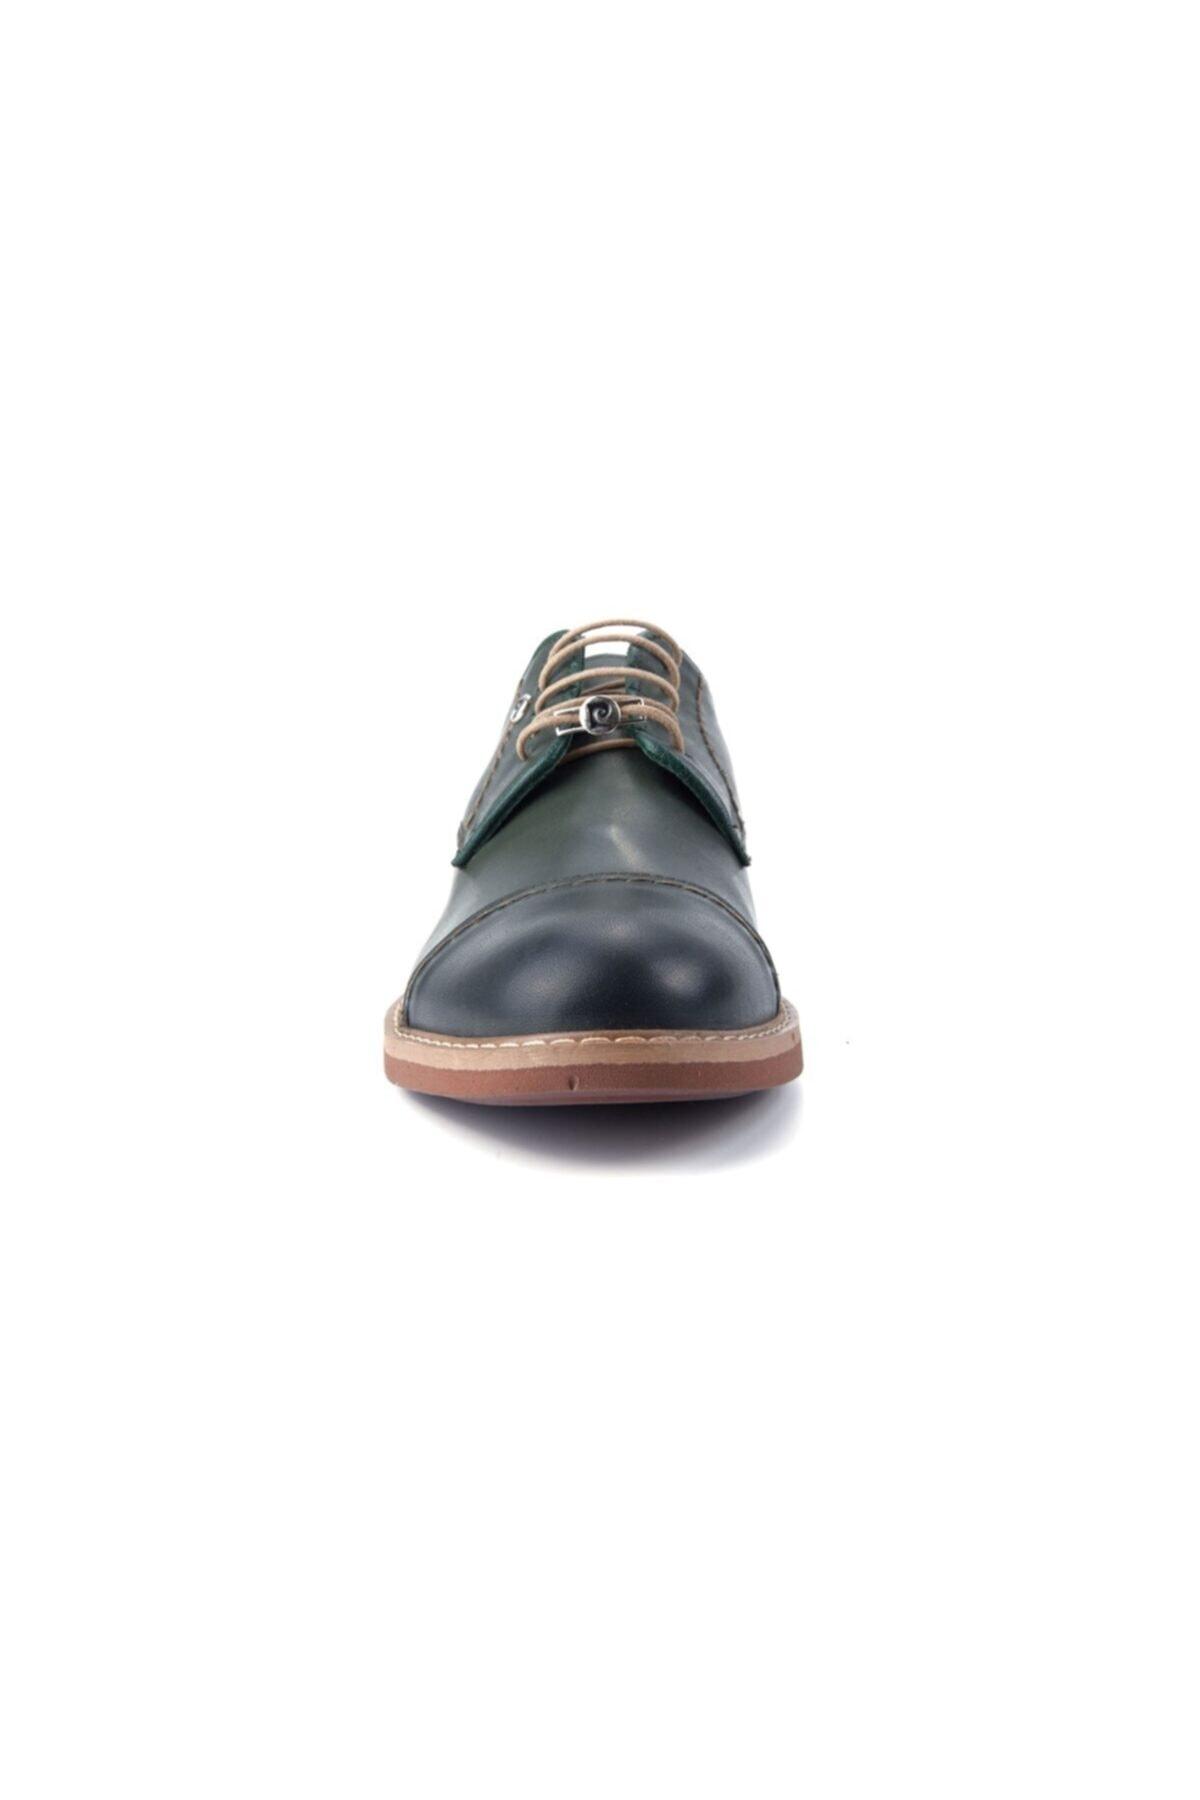 Pierre Cardin 552652 Yeşil Ayakkabı 1